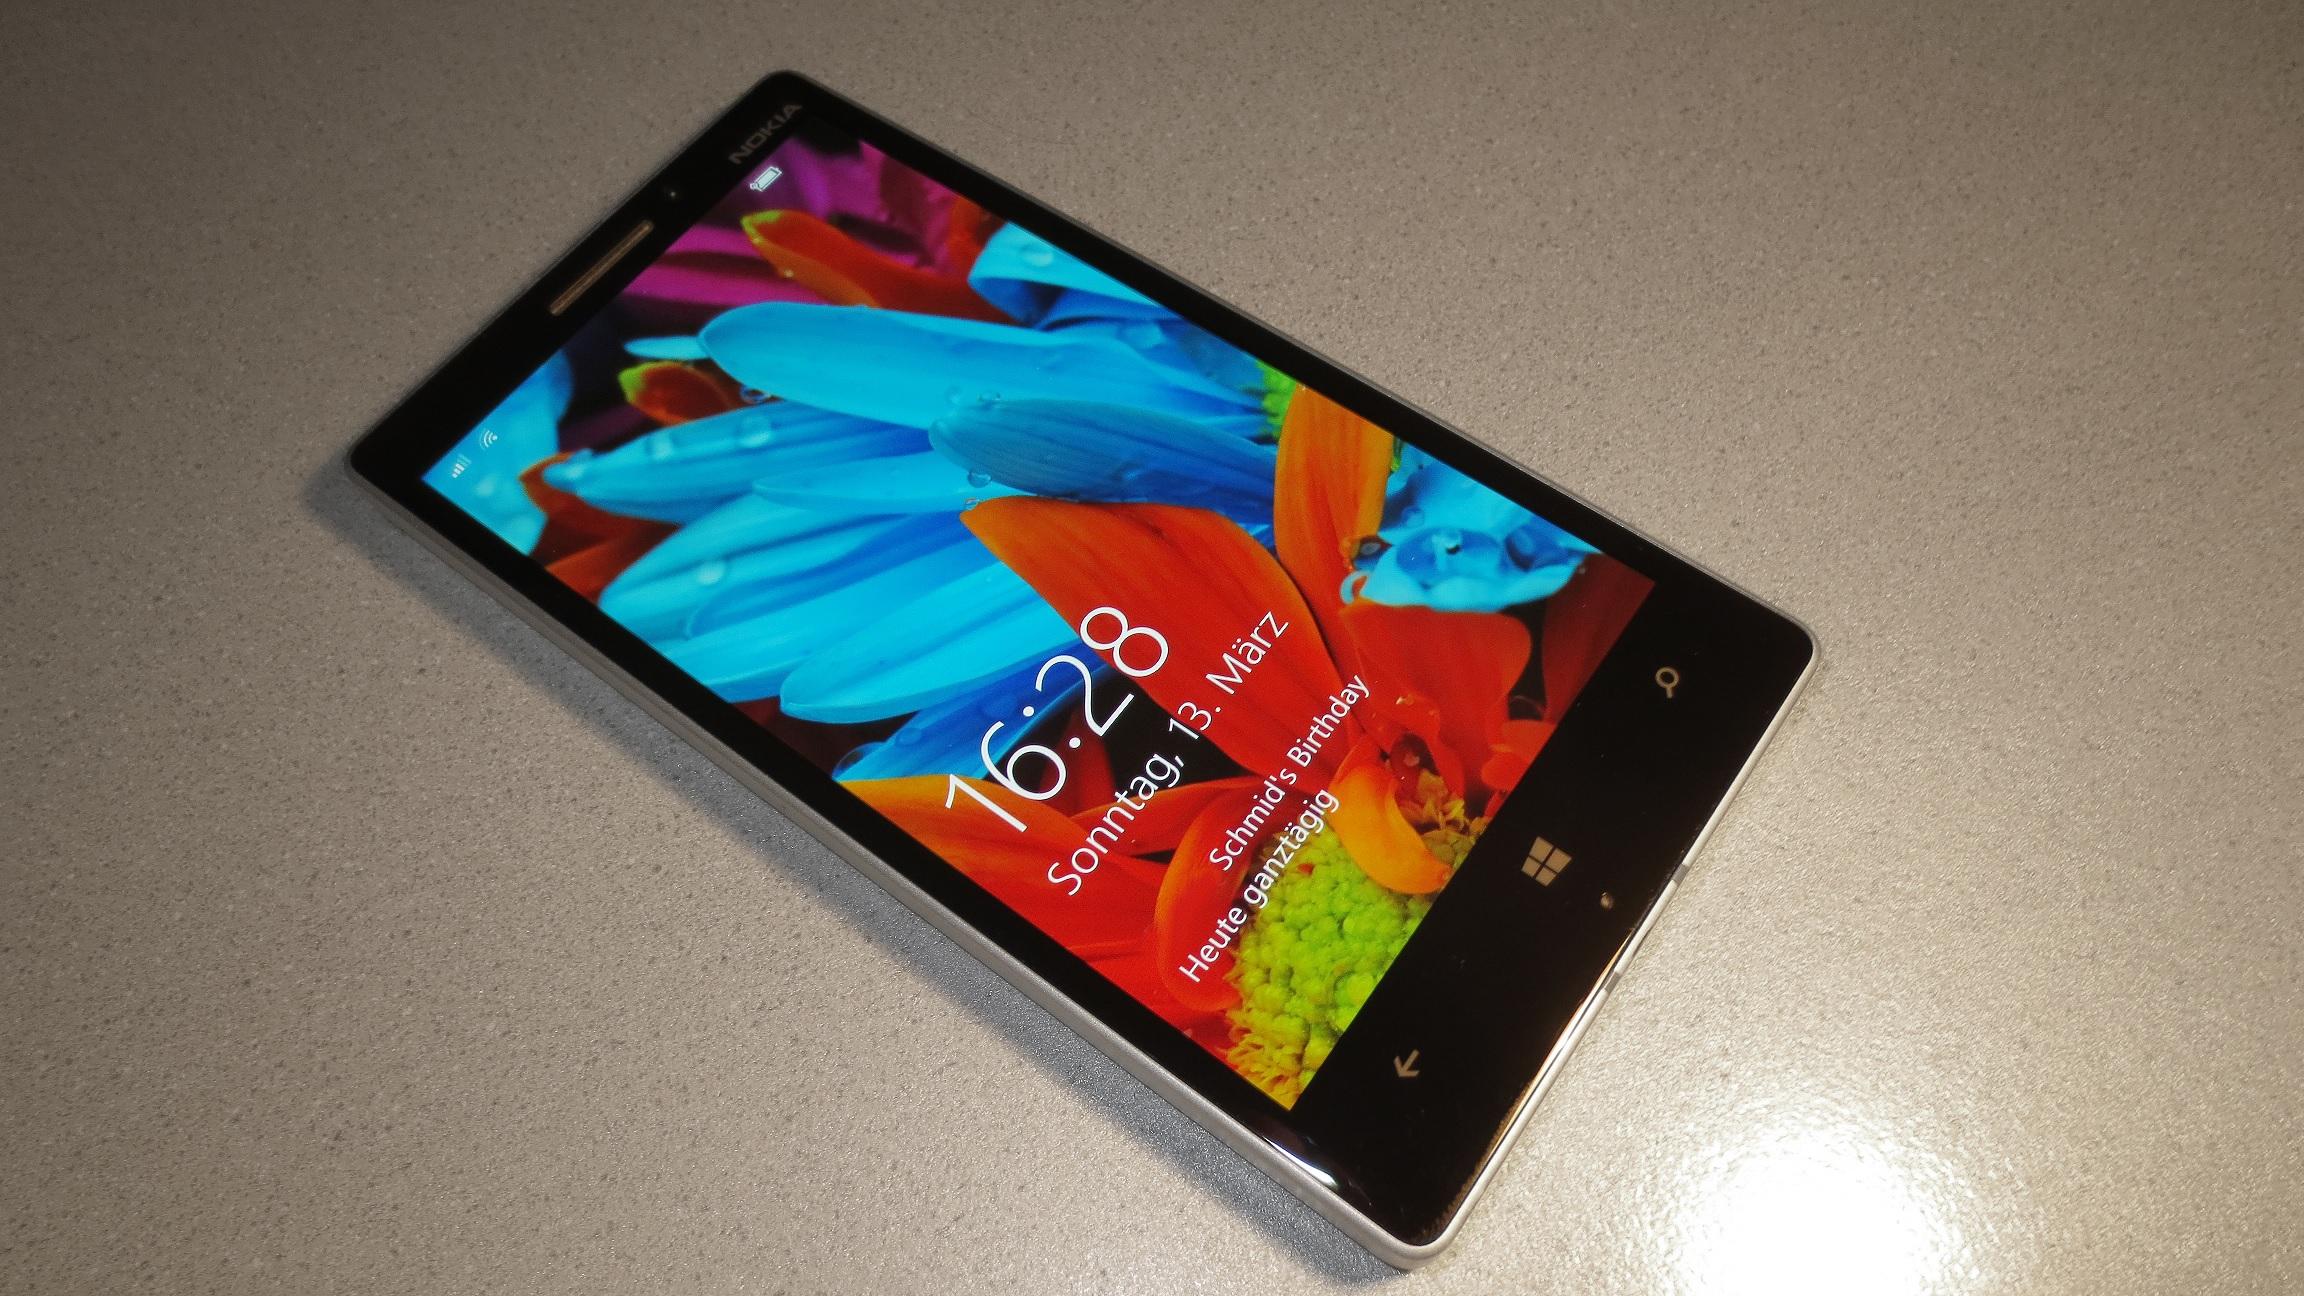 Nokia Lumia 930 - Wikipedia